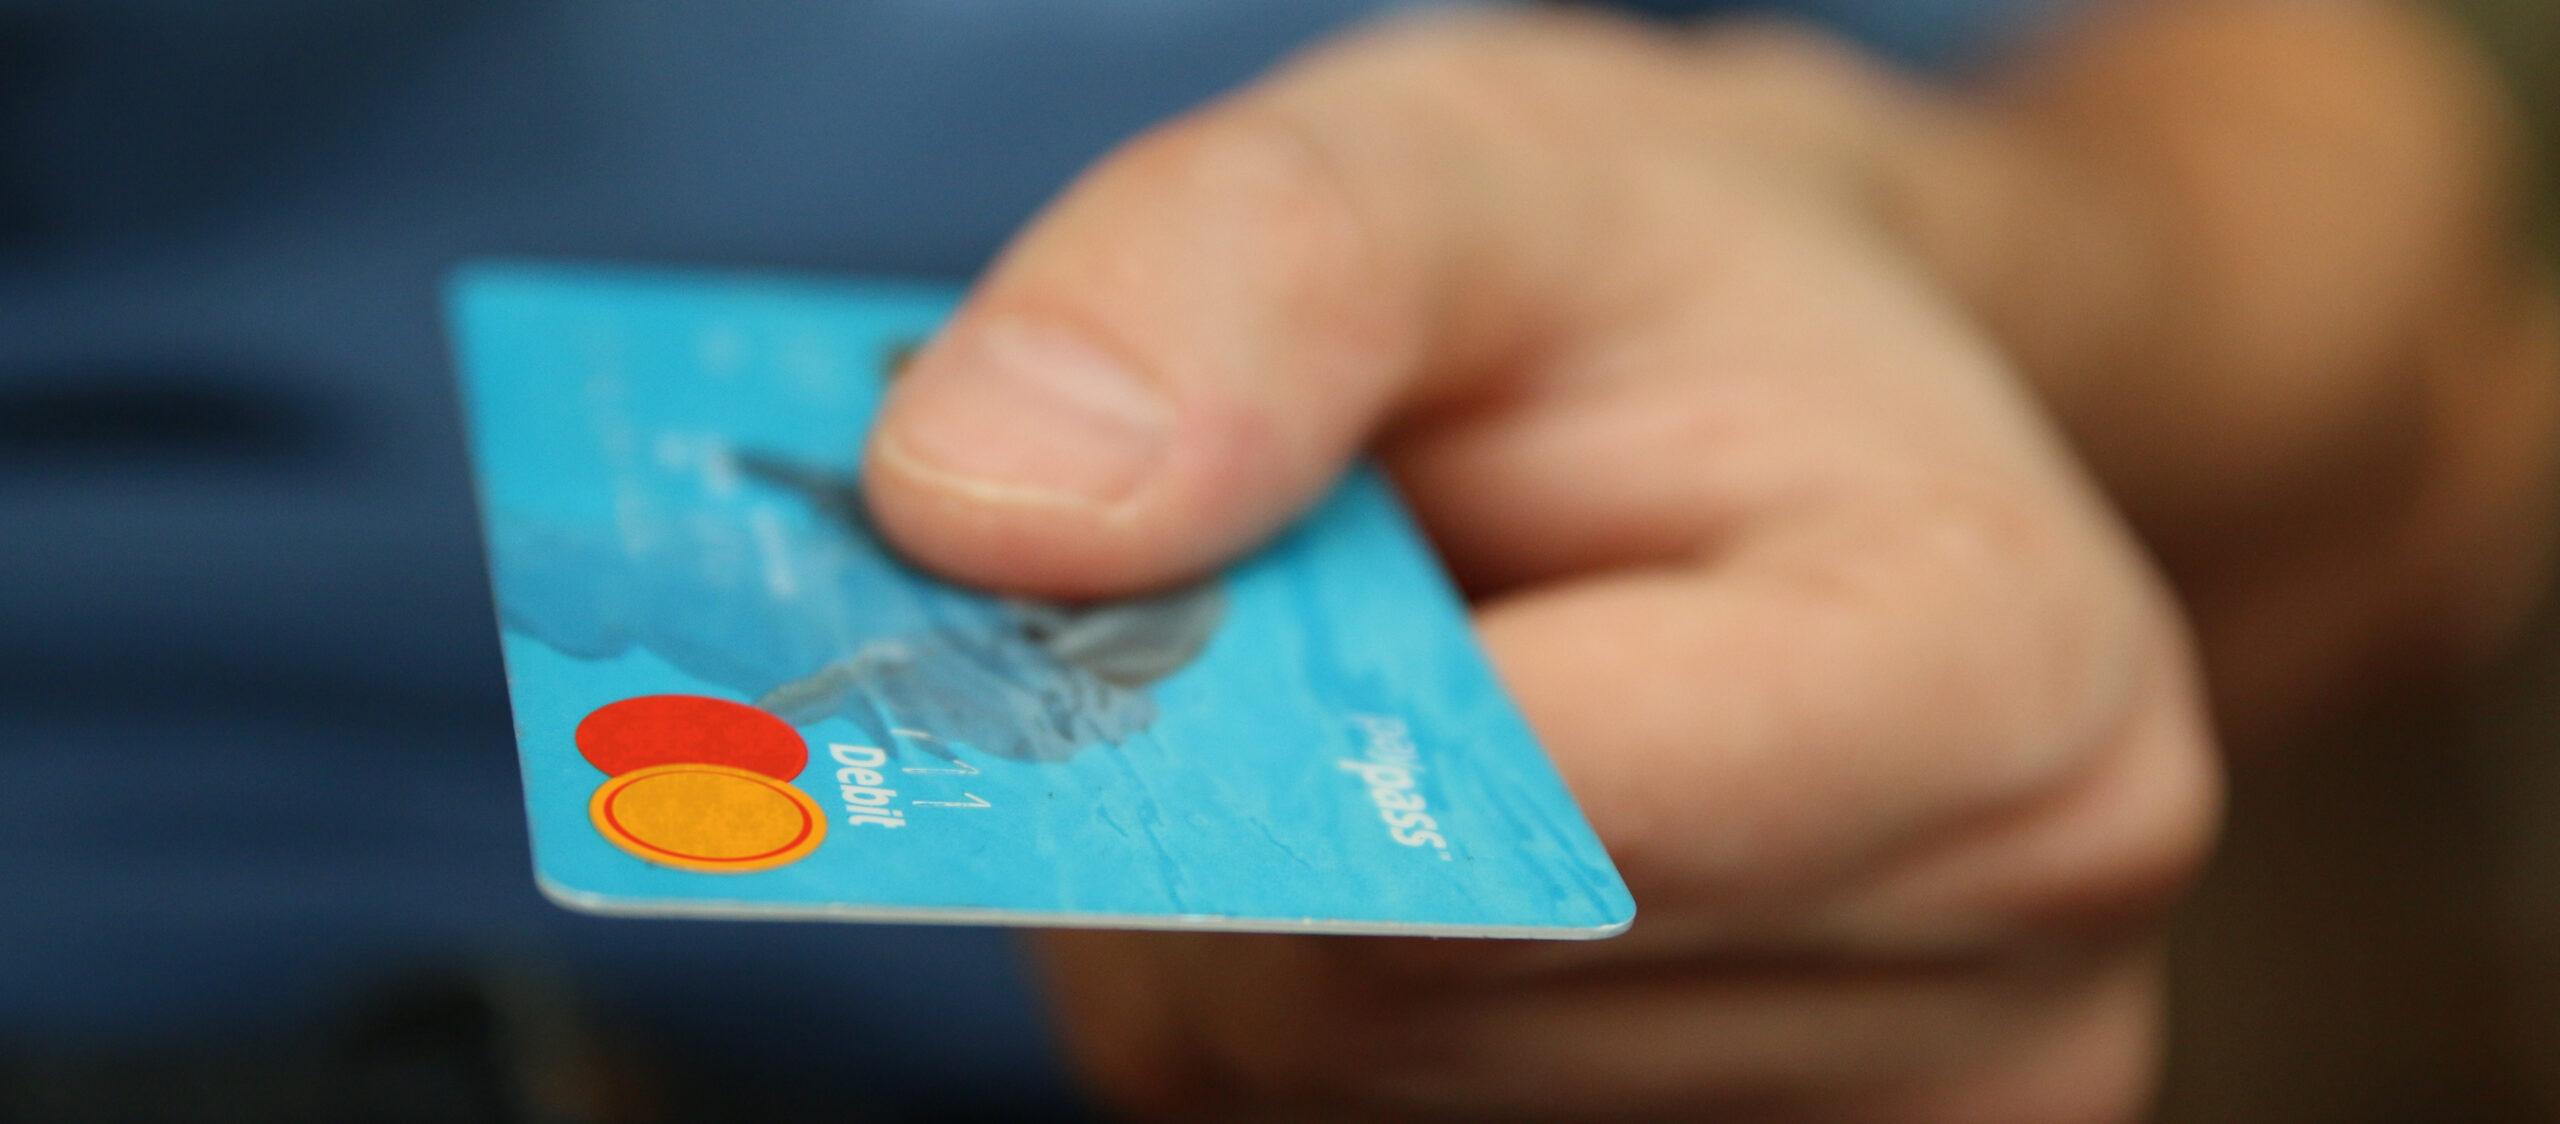 Weniger Trinkgeld durch Kartenzahlung